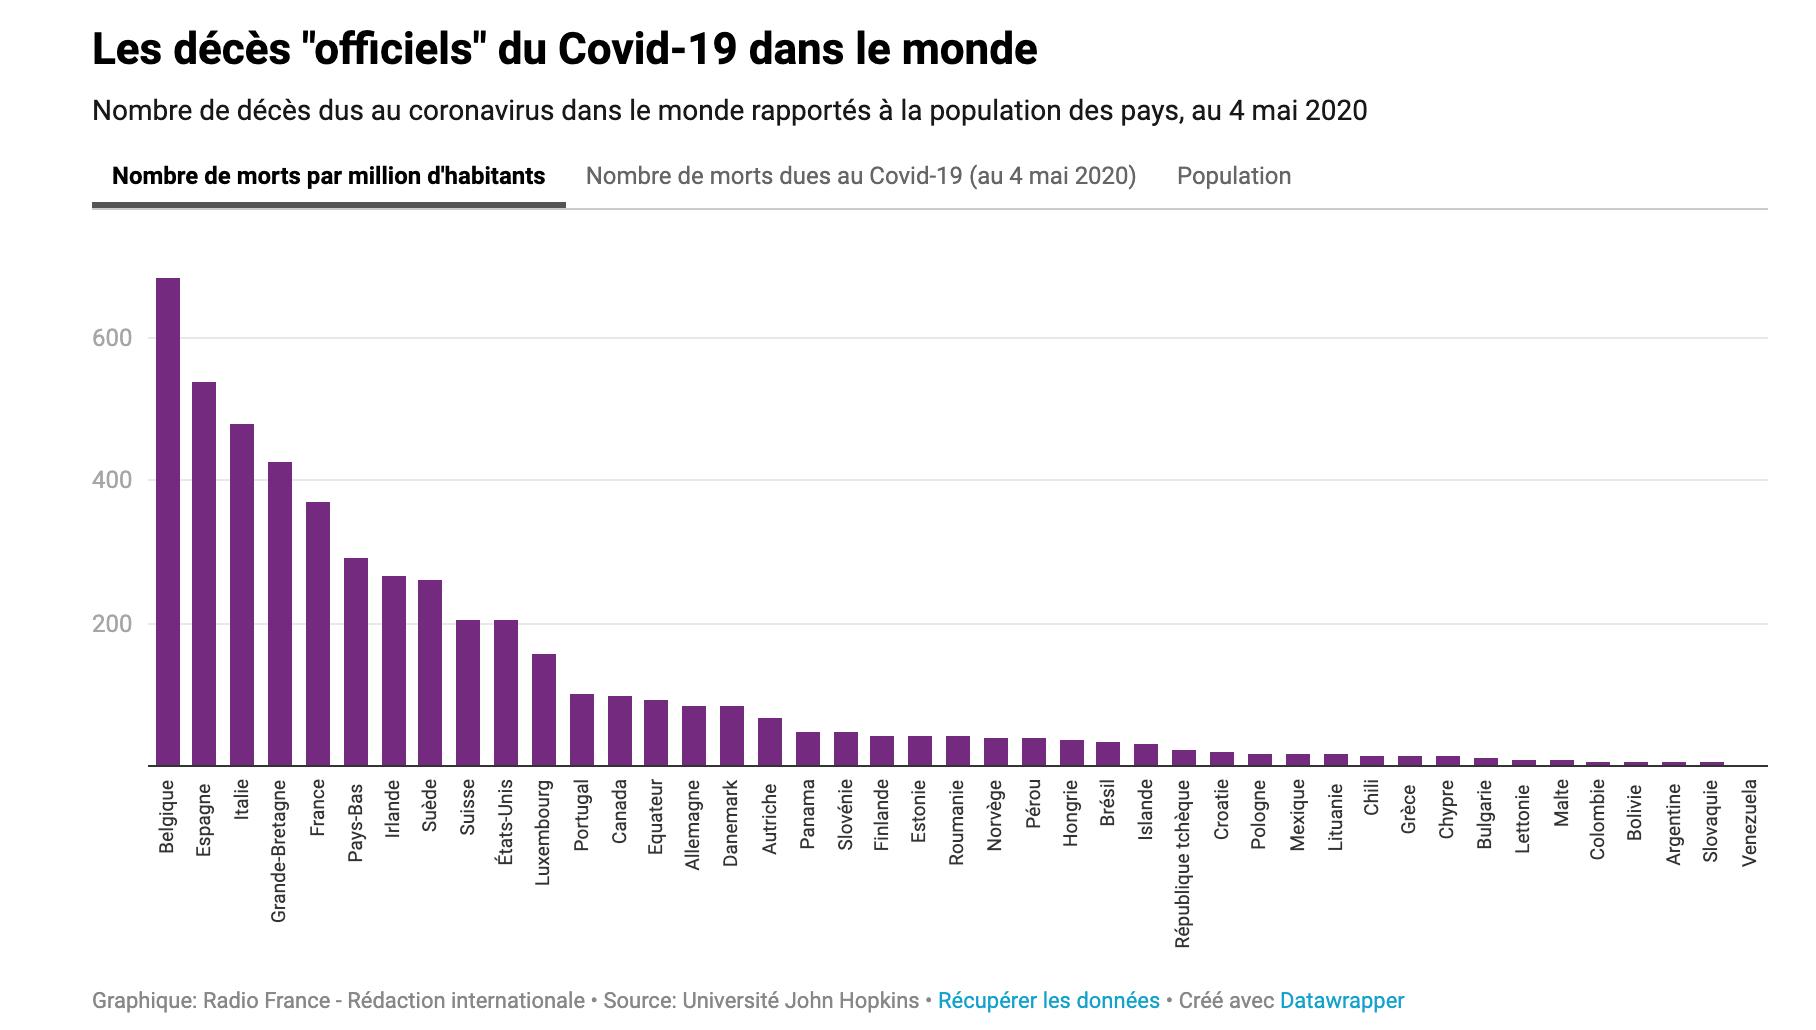 Coronavirus Pourquoi Le Taux De Mortalite En Belgique Est Le Plus Eleve Au Monde